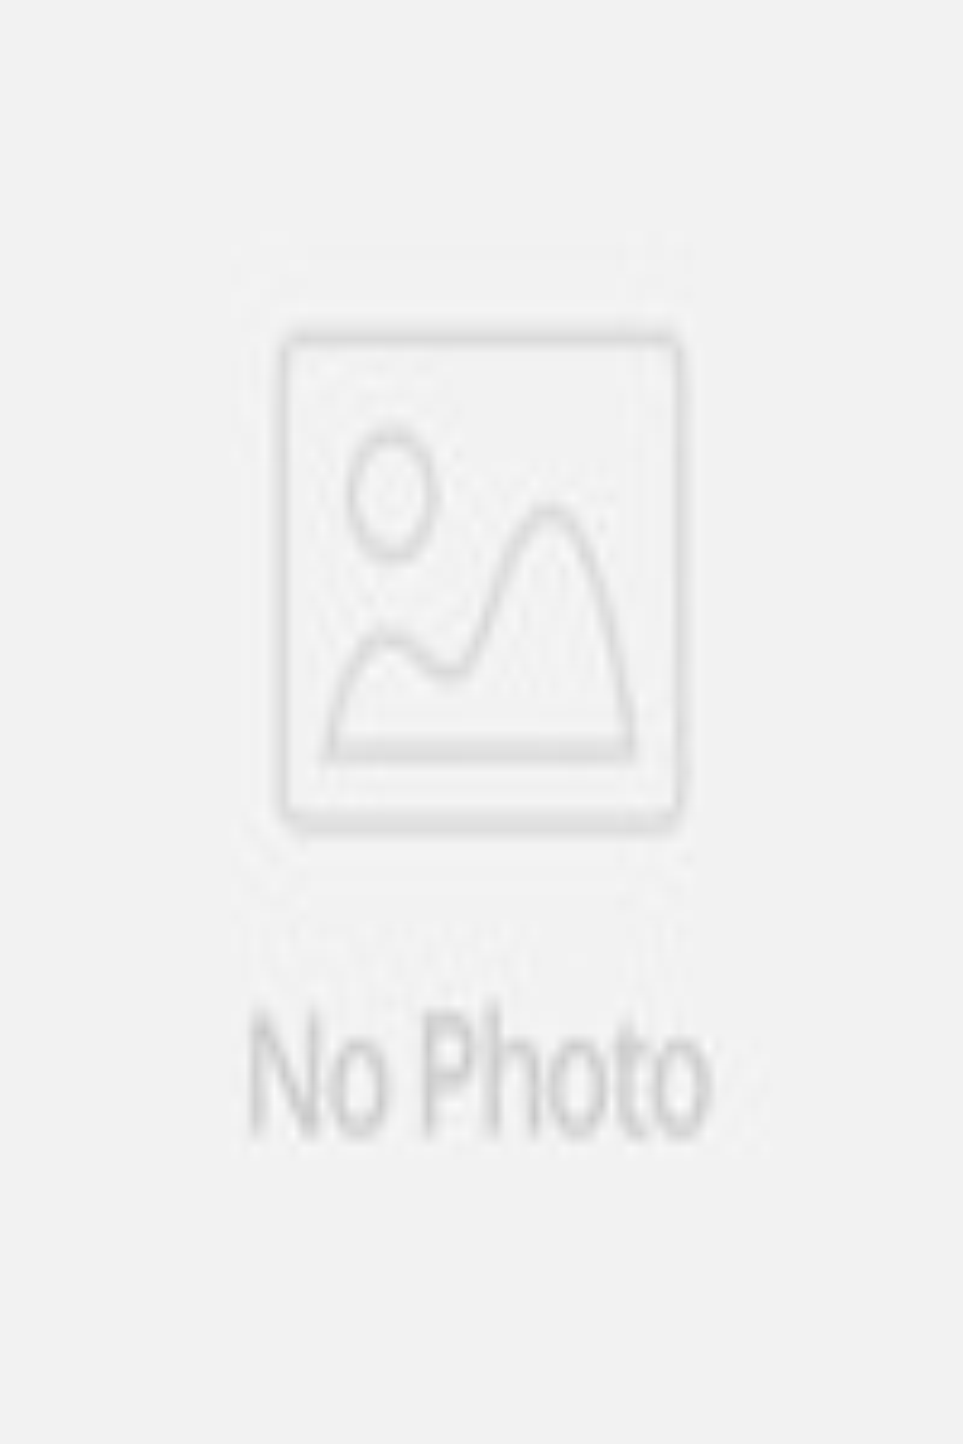 chaise de bureau chaise ergonomique ordinateur chaise mobilier commercial b8916 chaise de bureau